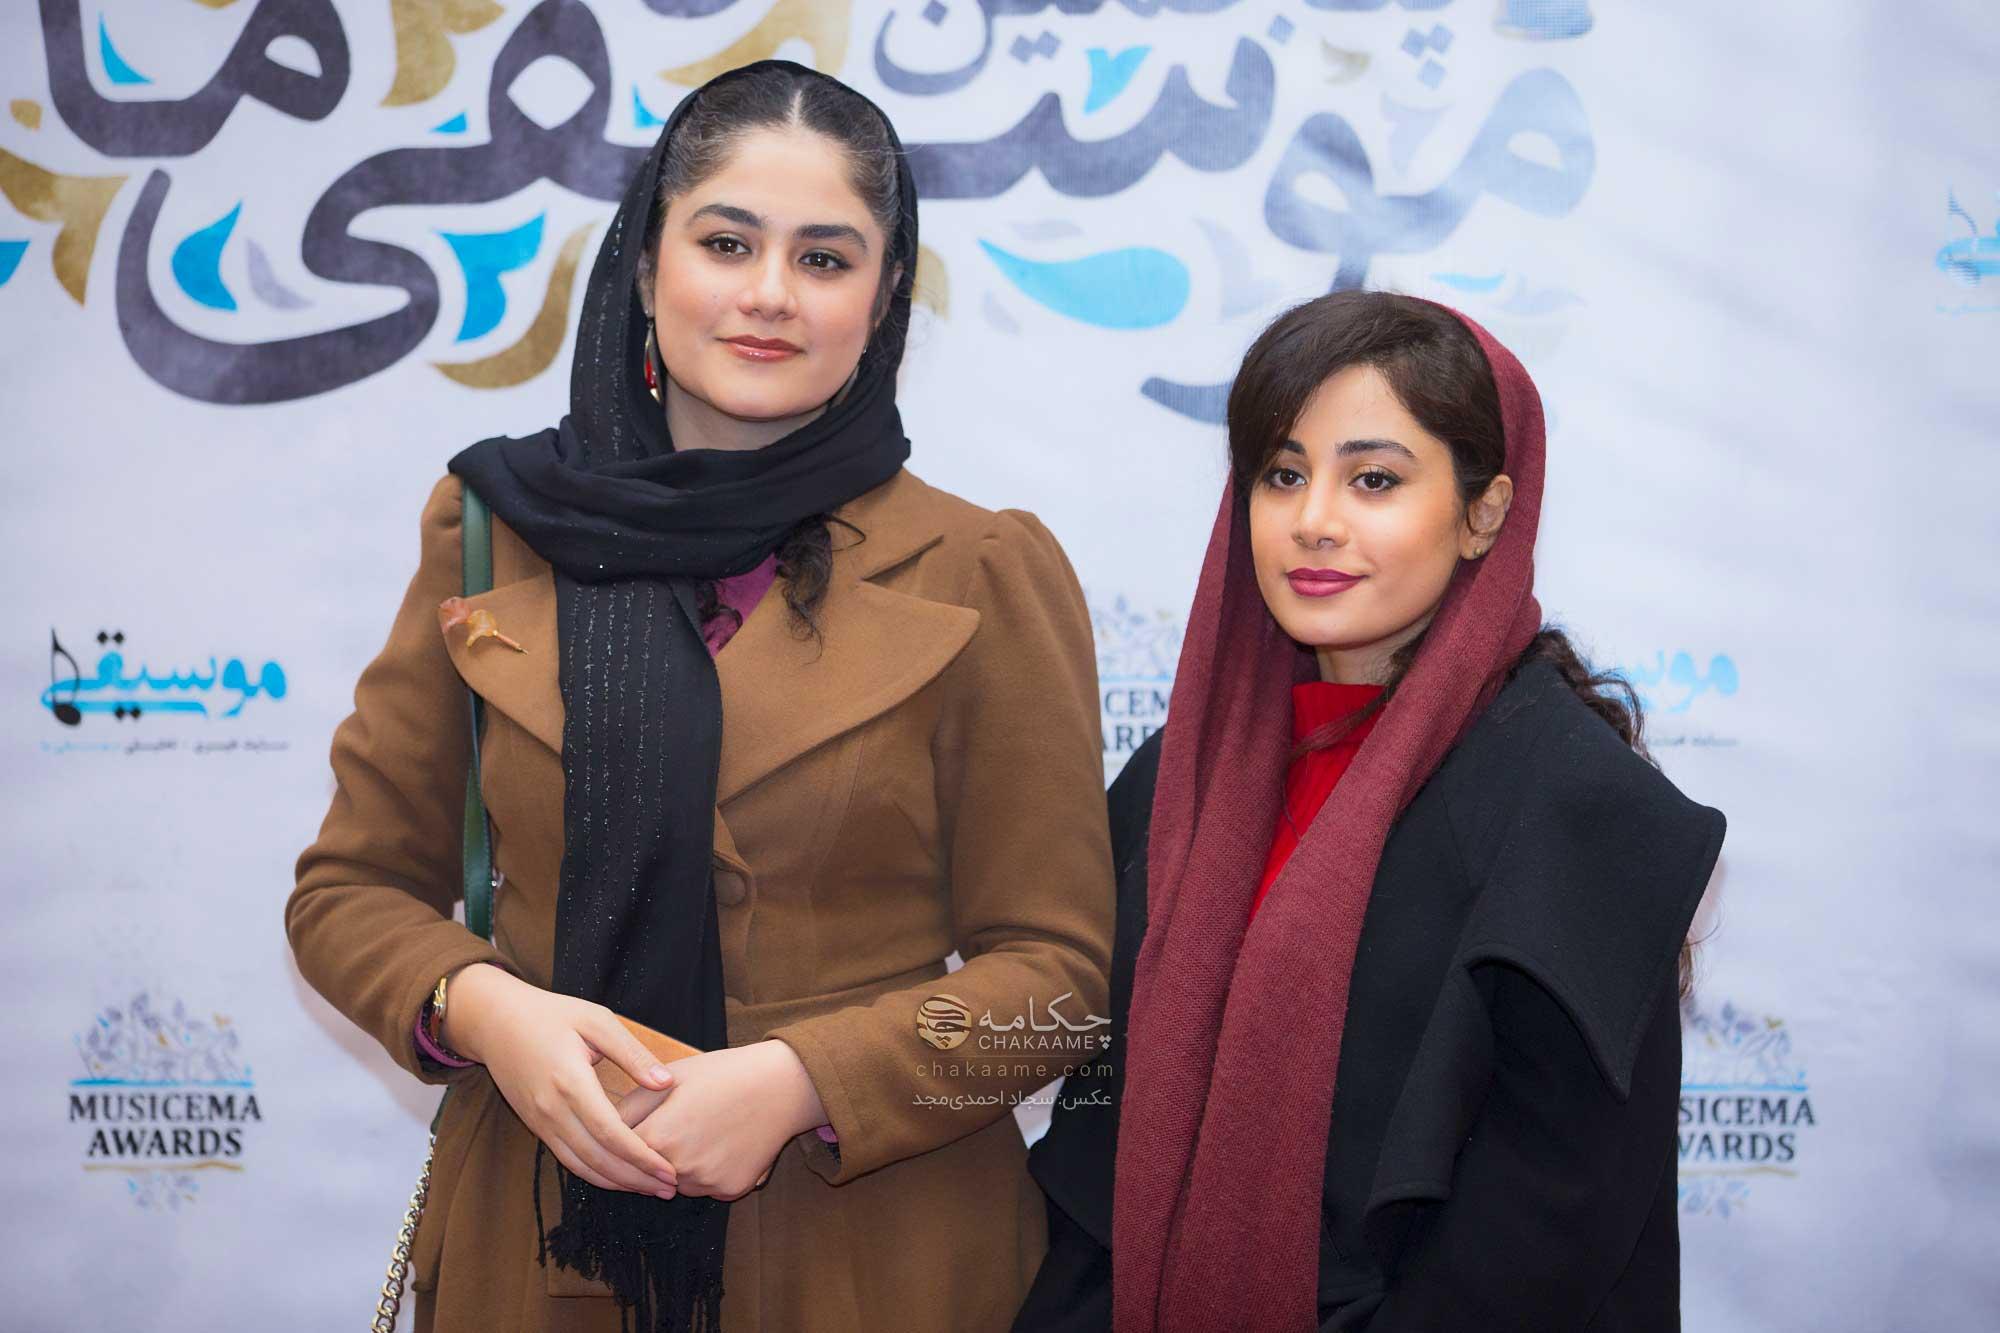 سحر محمدی - پنجمین جشن سالانه موسیقی ما